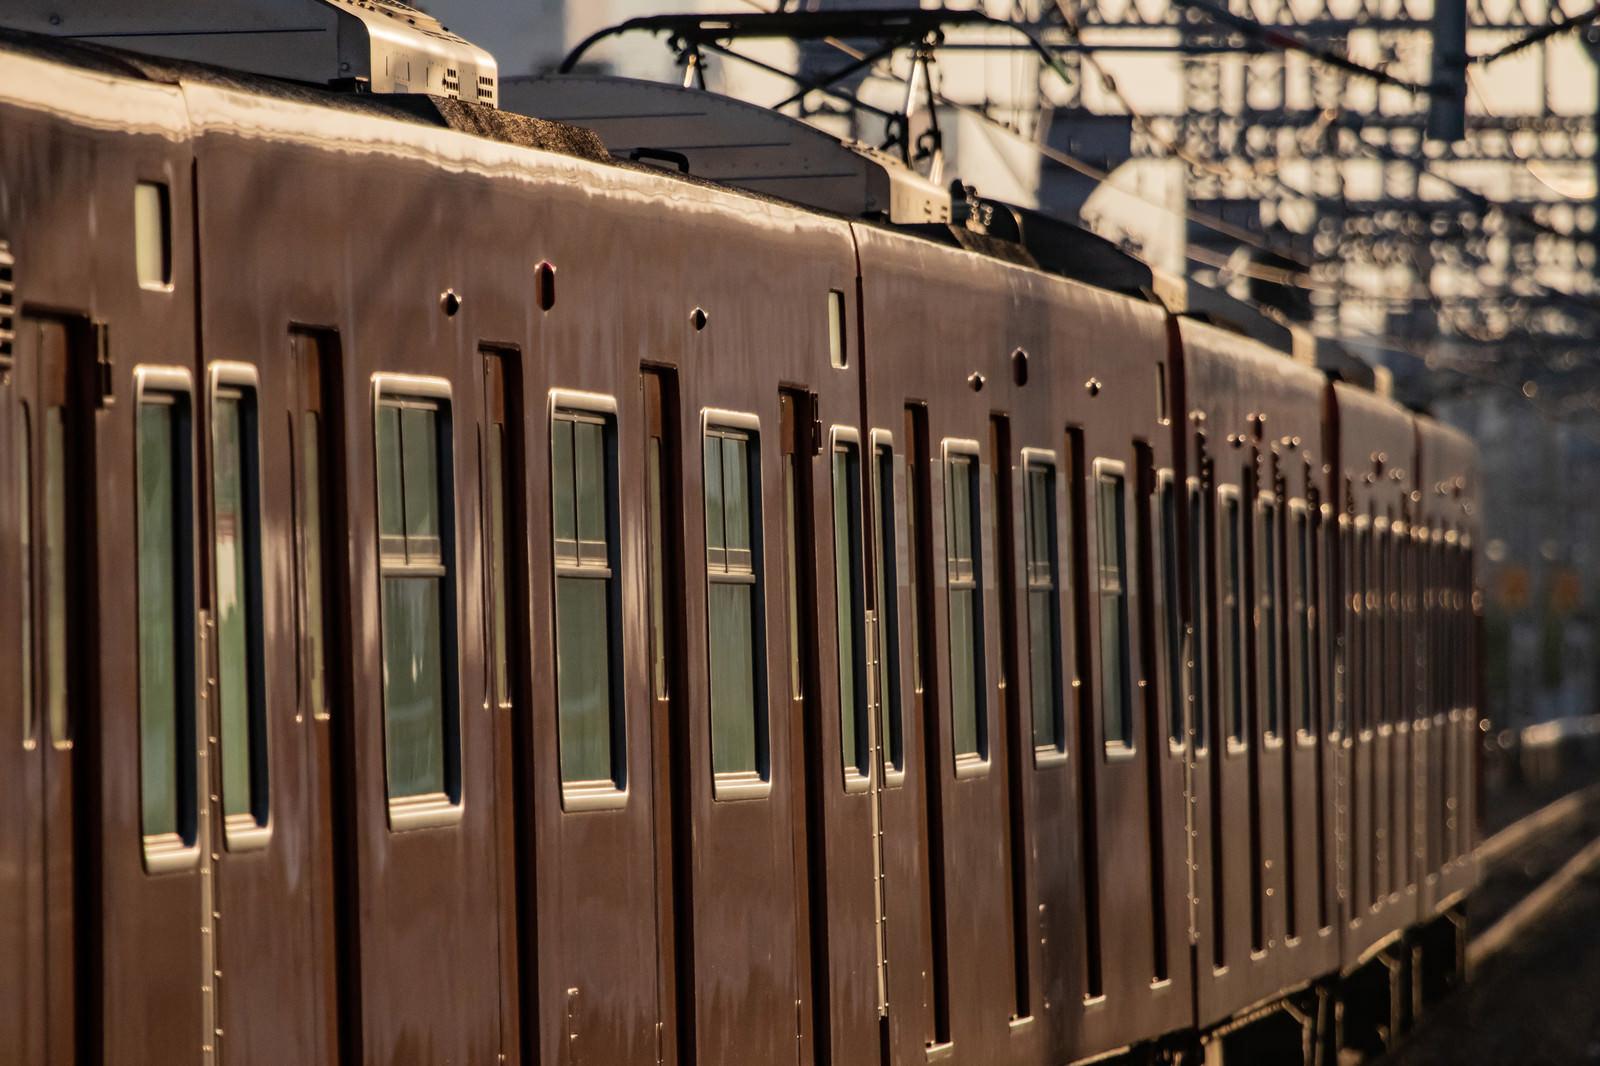 「今は無き大阪環状線103系今は無き大阪環状線103系」のフリー写真素材を拡大